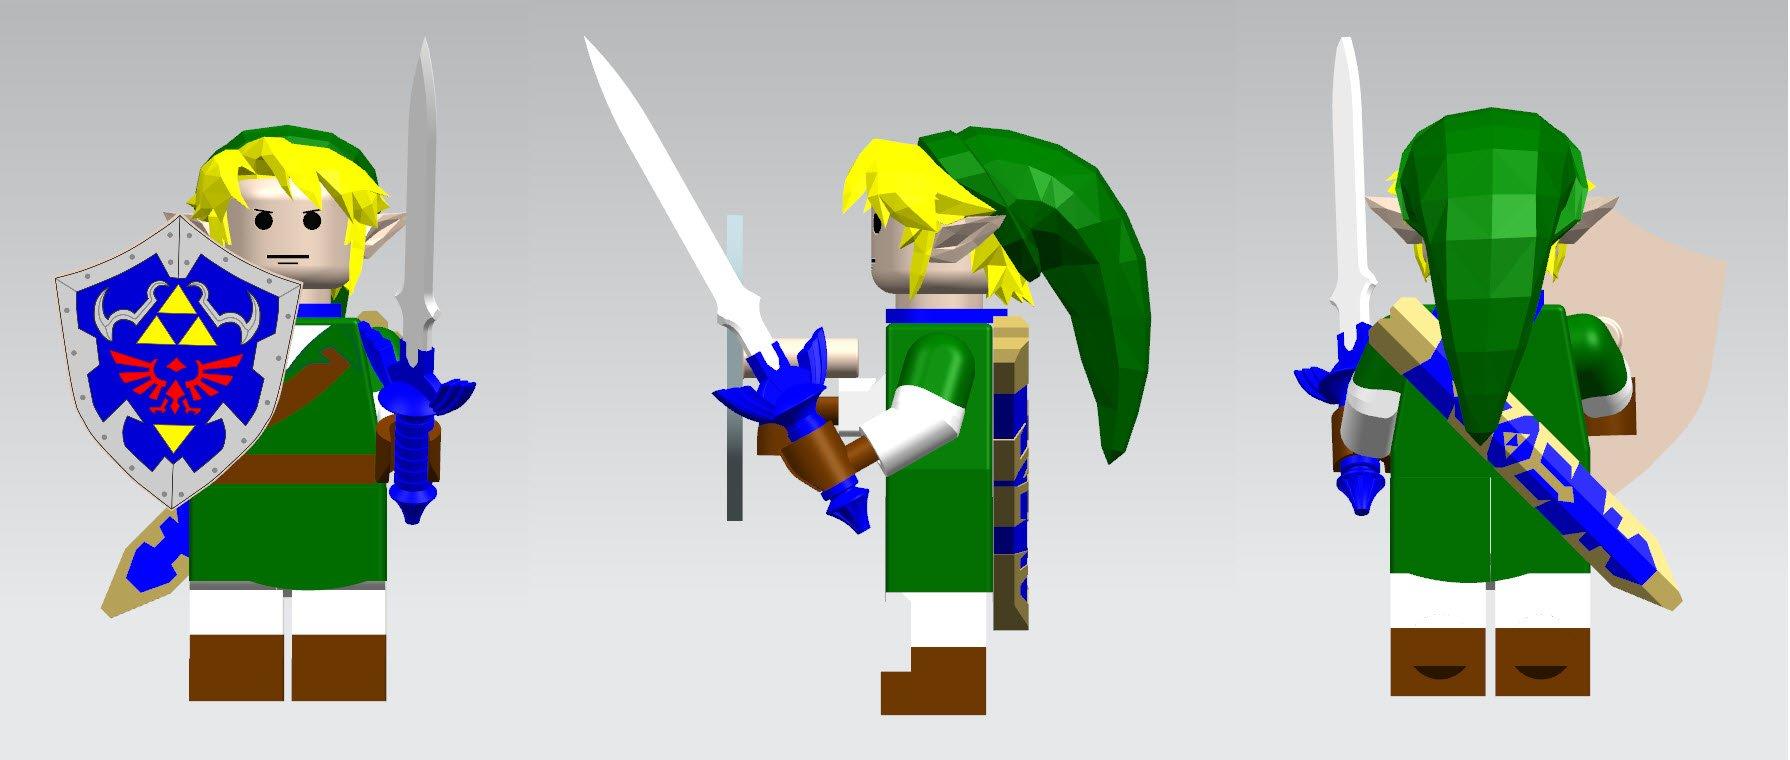 LEGO® compatible Link from Zelda (Nintendo®)